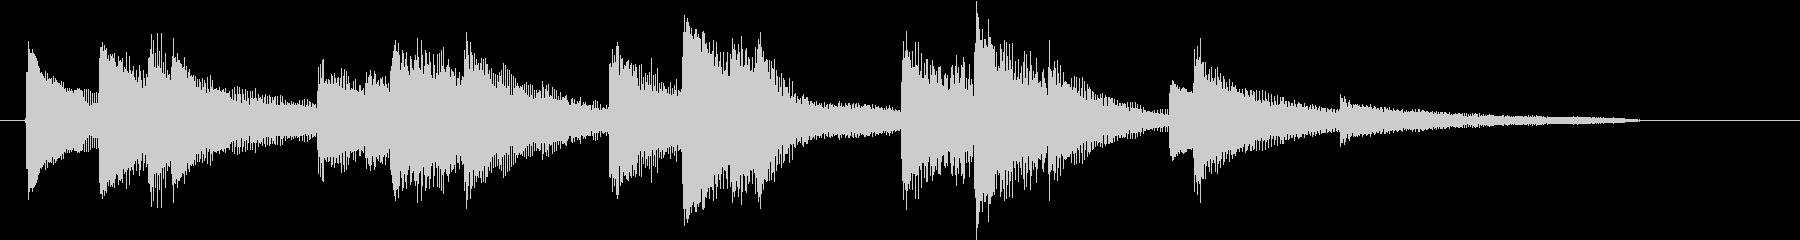 ノスタルジックで心温まるピアノジングルの未再生の波形